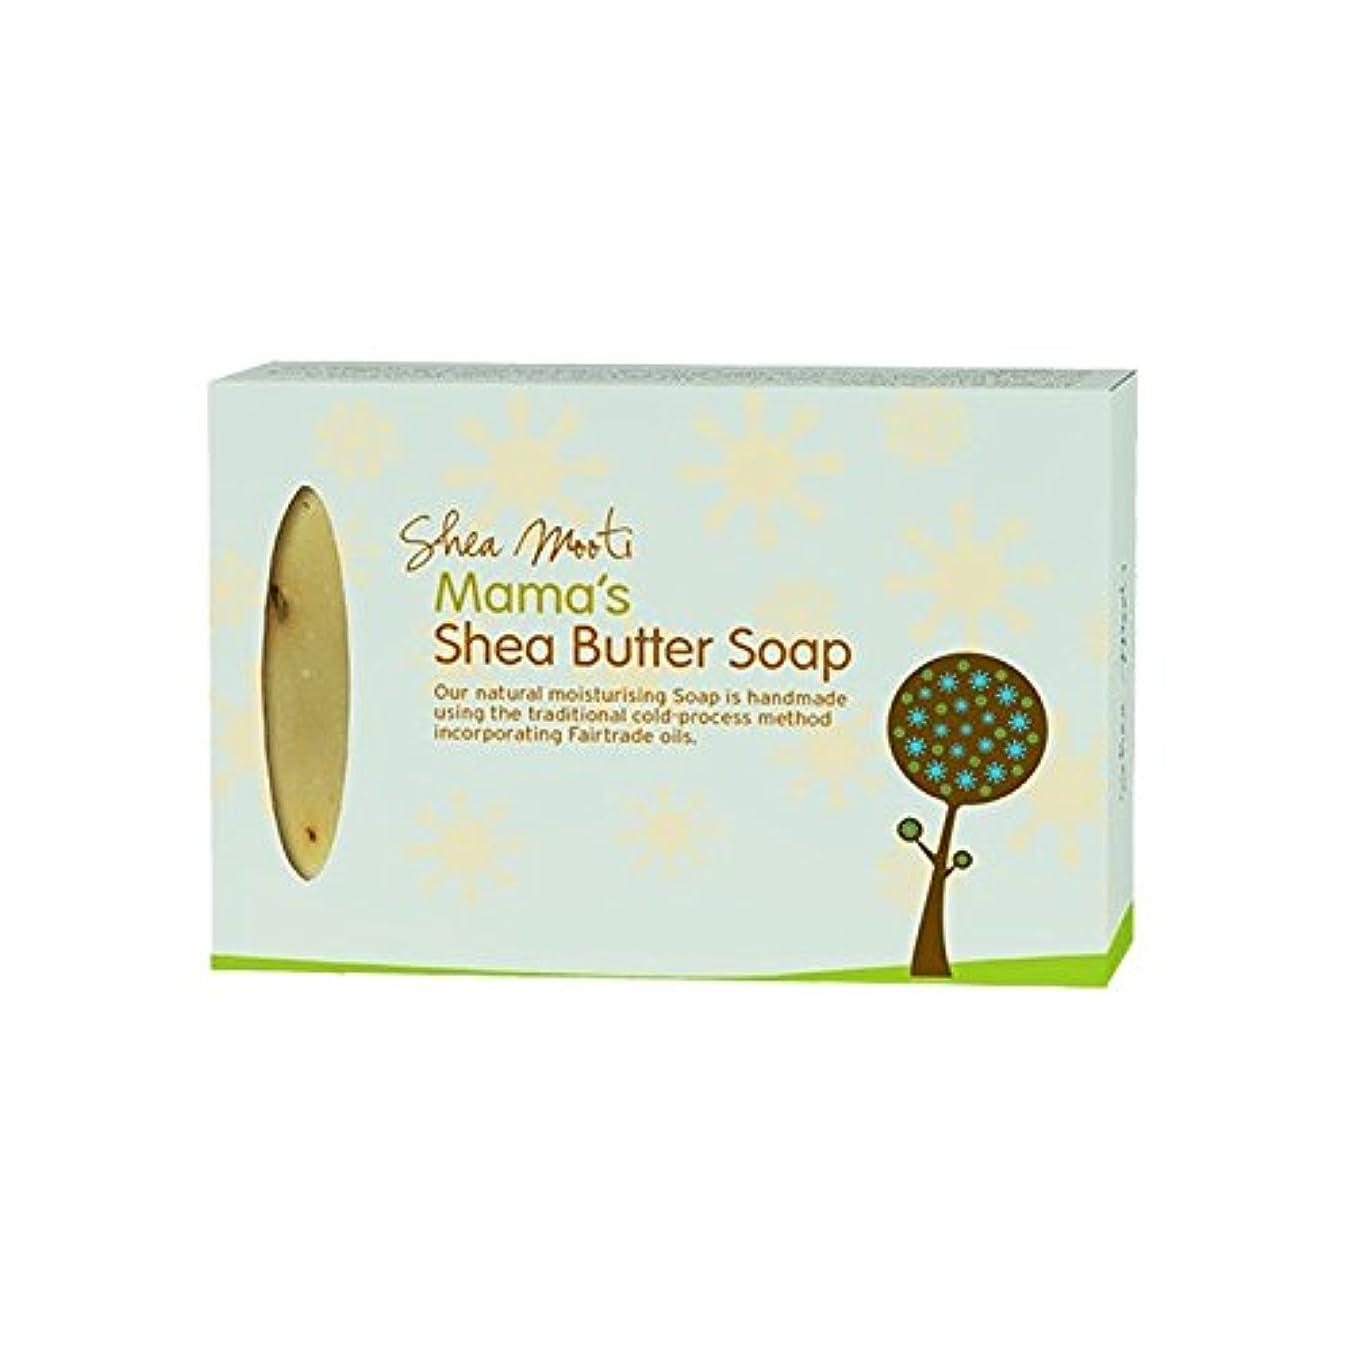 オンス恋人オフシアバターMootiママのシアバターソープ100グラム - Shea Mooti Mama's Shea Butter Soap 100g (Shea Mooti) [並行輸入品]